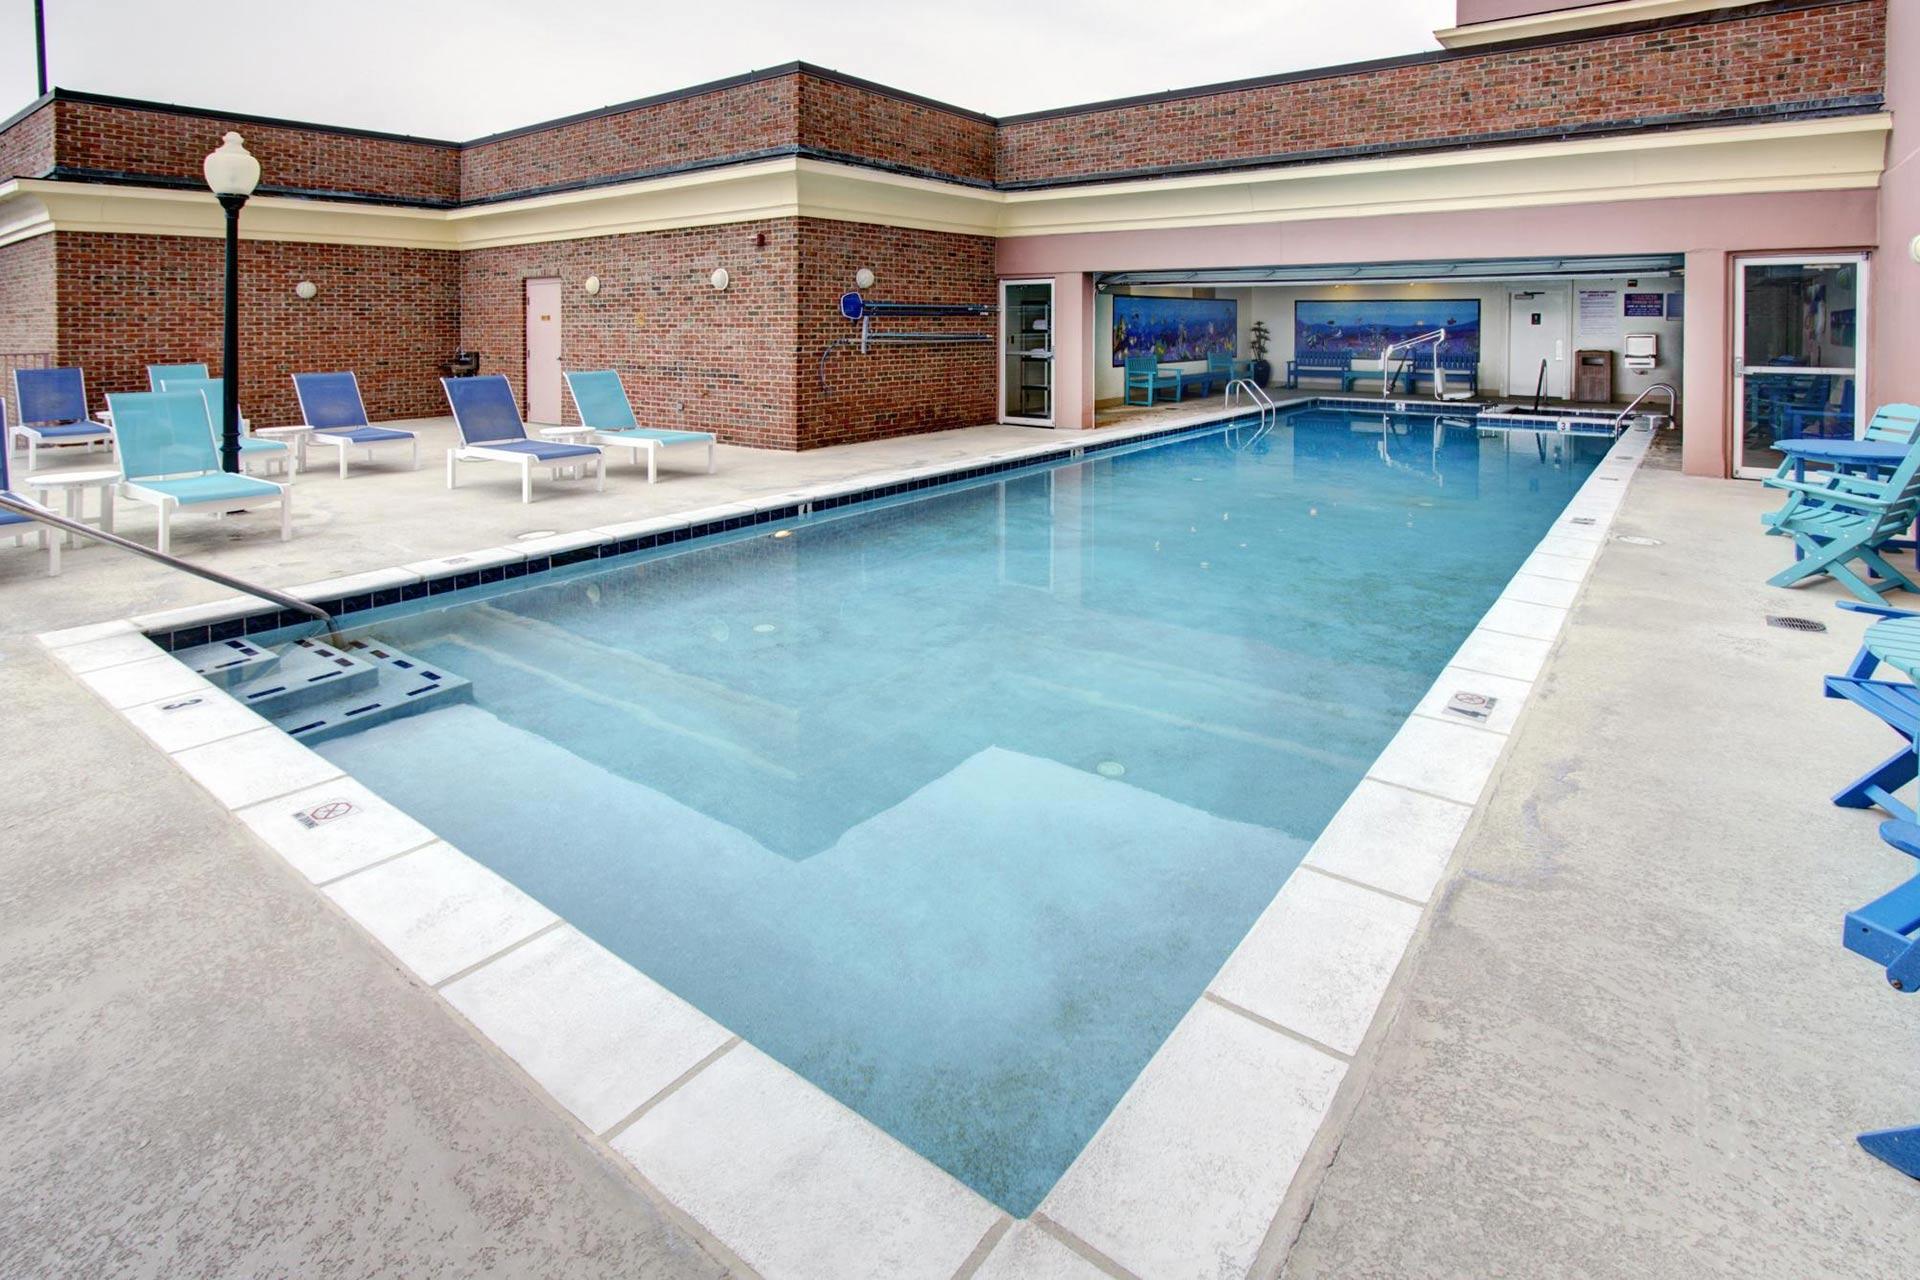 Dunes Manor Hotel & Suites in Ocean City, Maryland